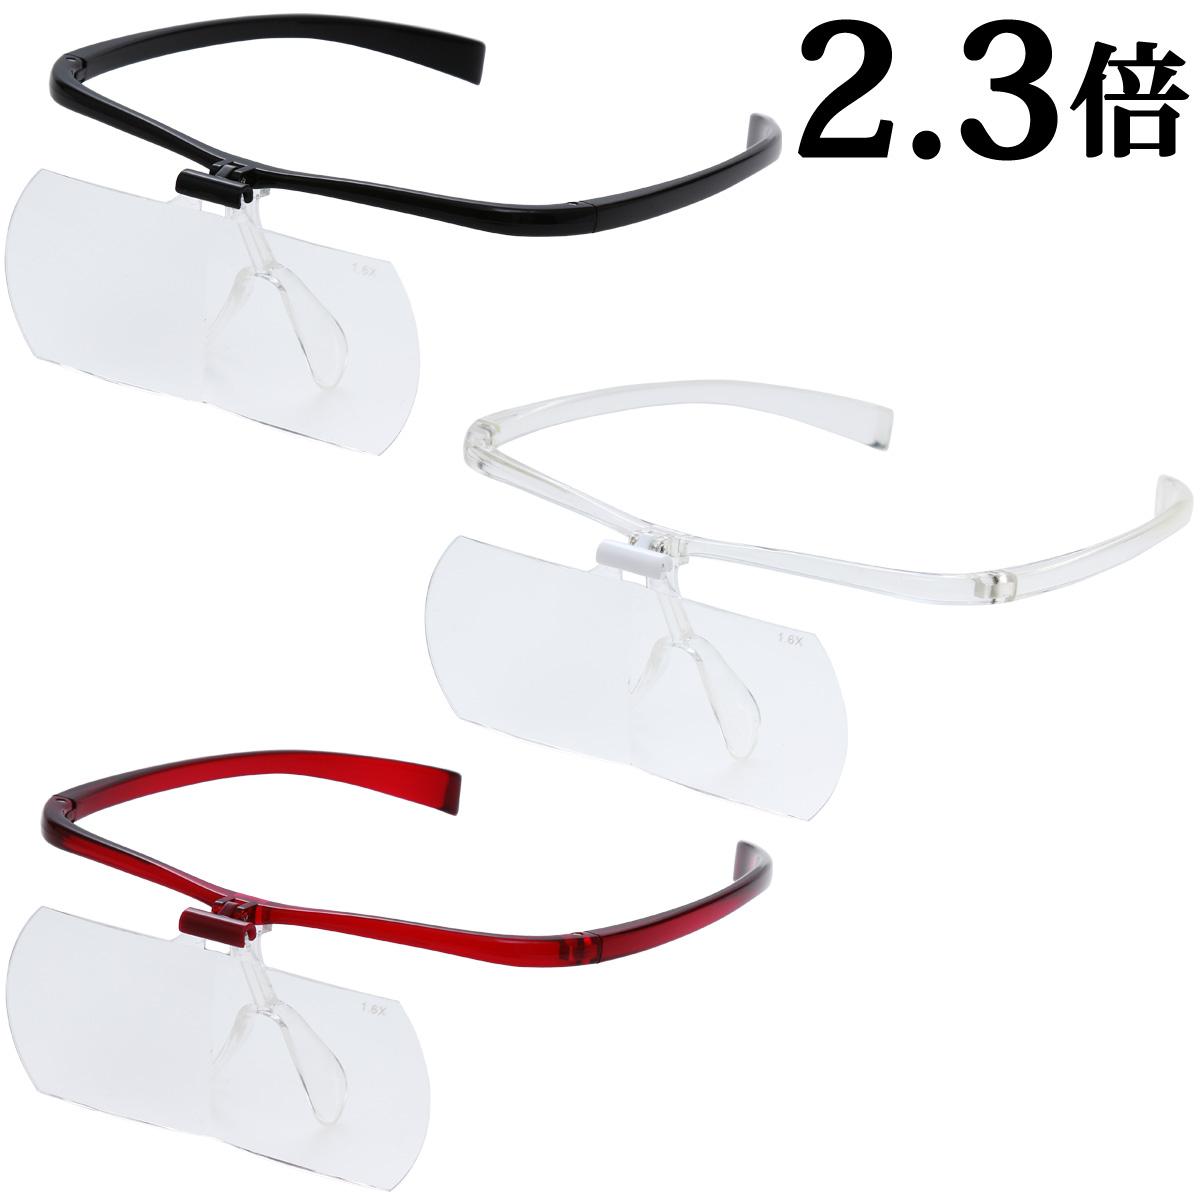 双眼メガネルーペ メガネタイプ 2.3倍 HF-60F 跳ね上げ メガネの上から クリアルーペ 手芸 拡大鏡 読書 模型 まつげエクステ 池田レンズ